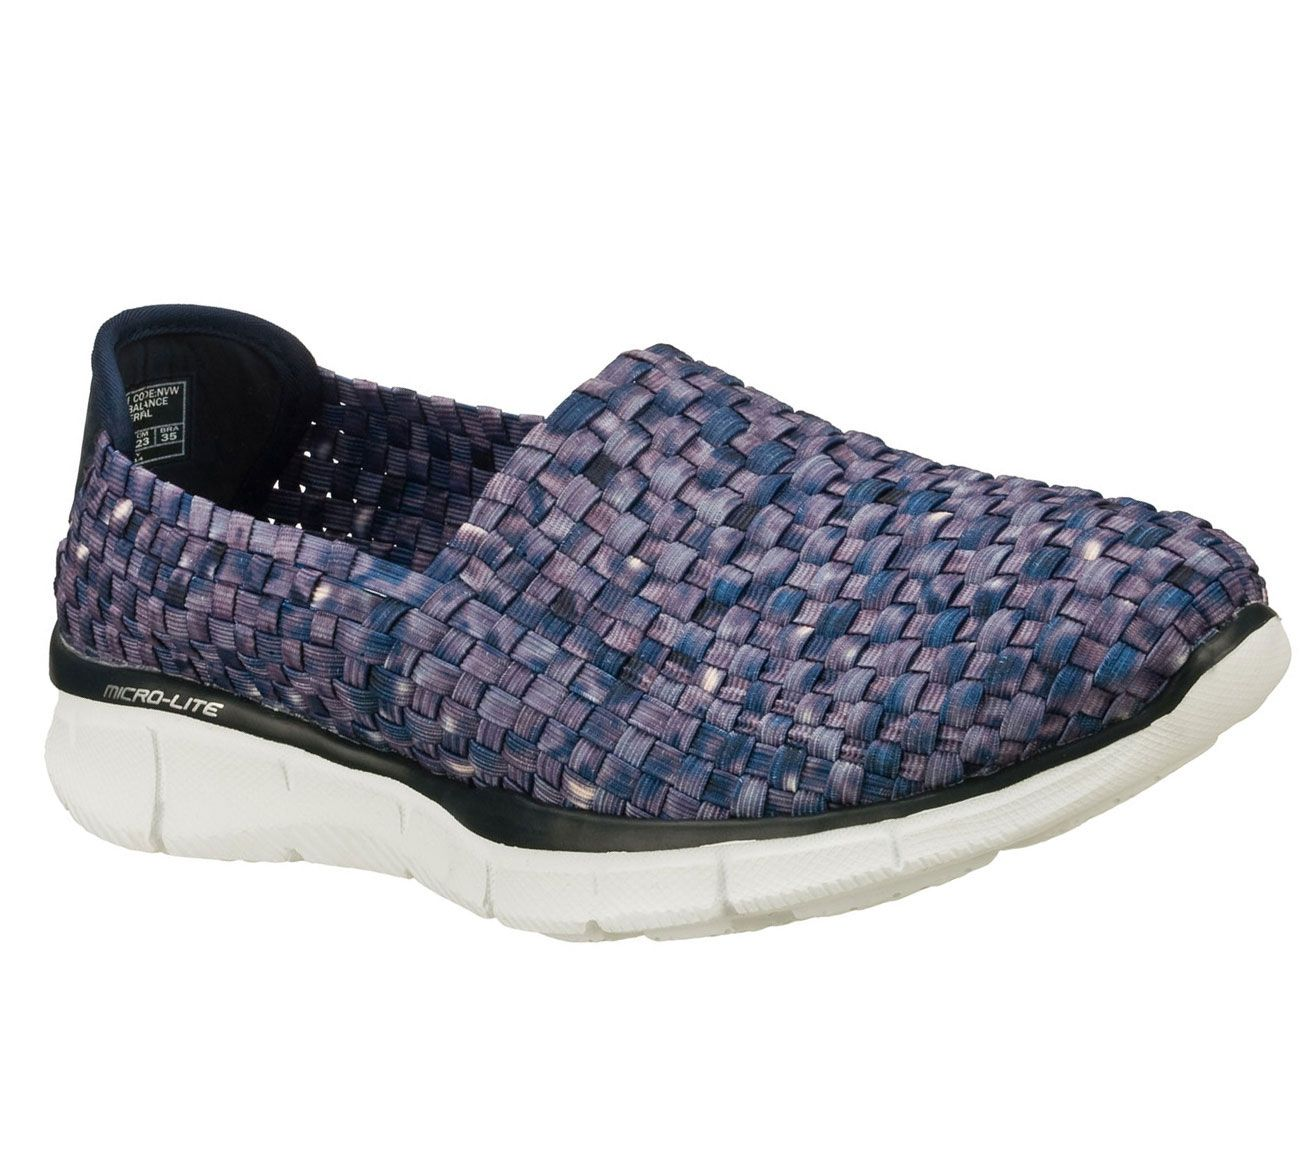 Sneakers fashion, Skechers women